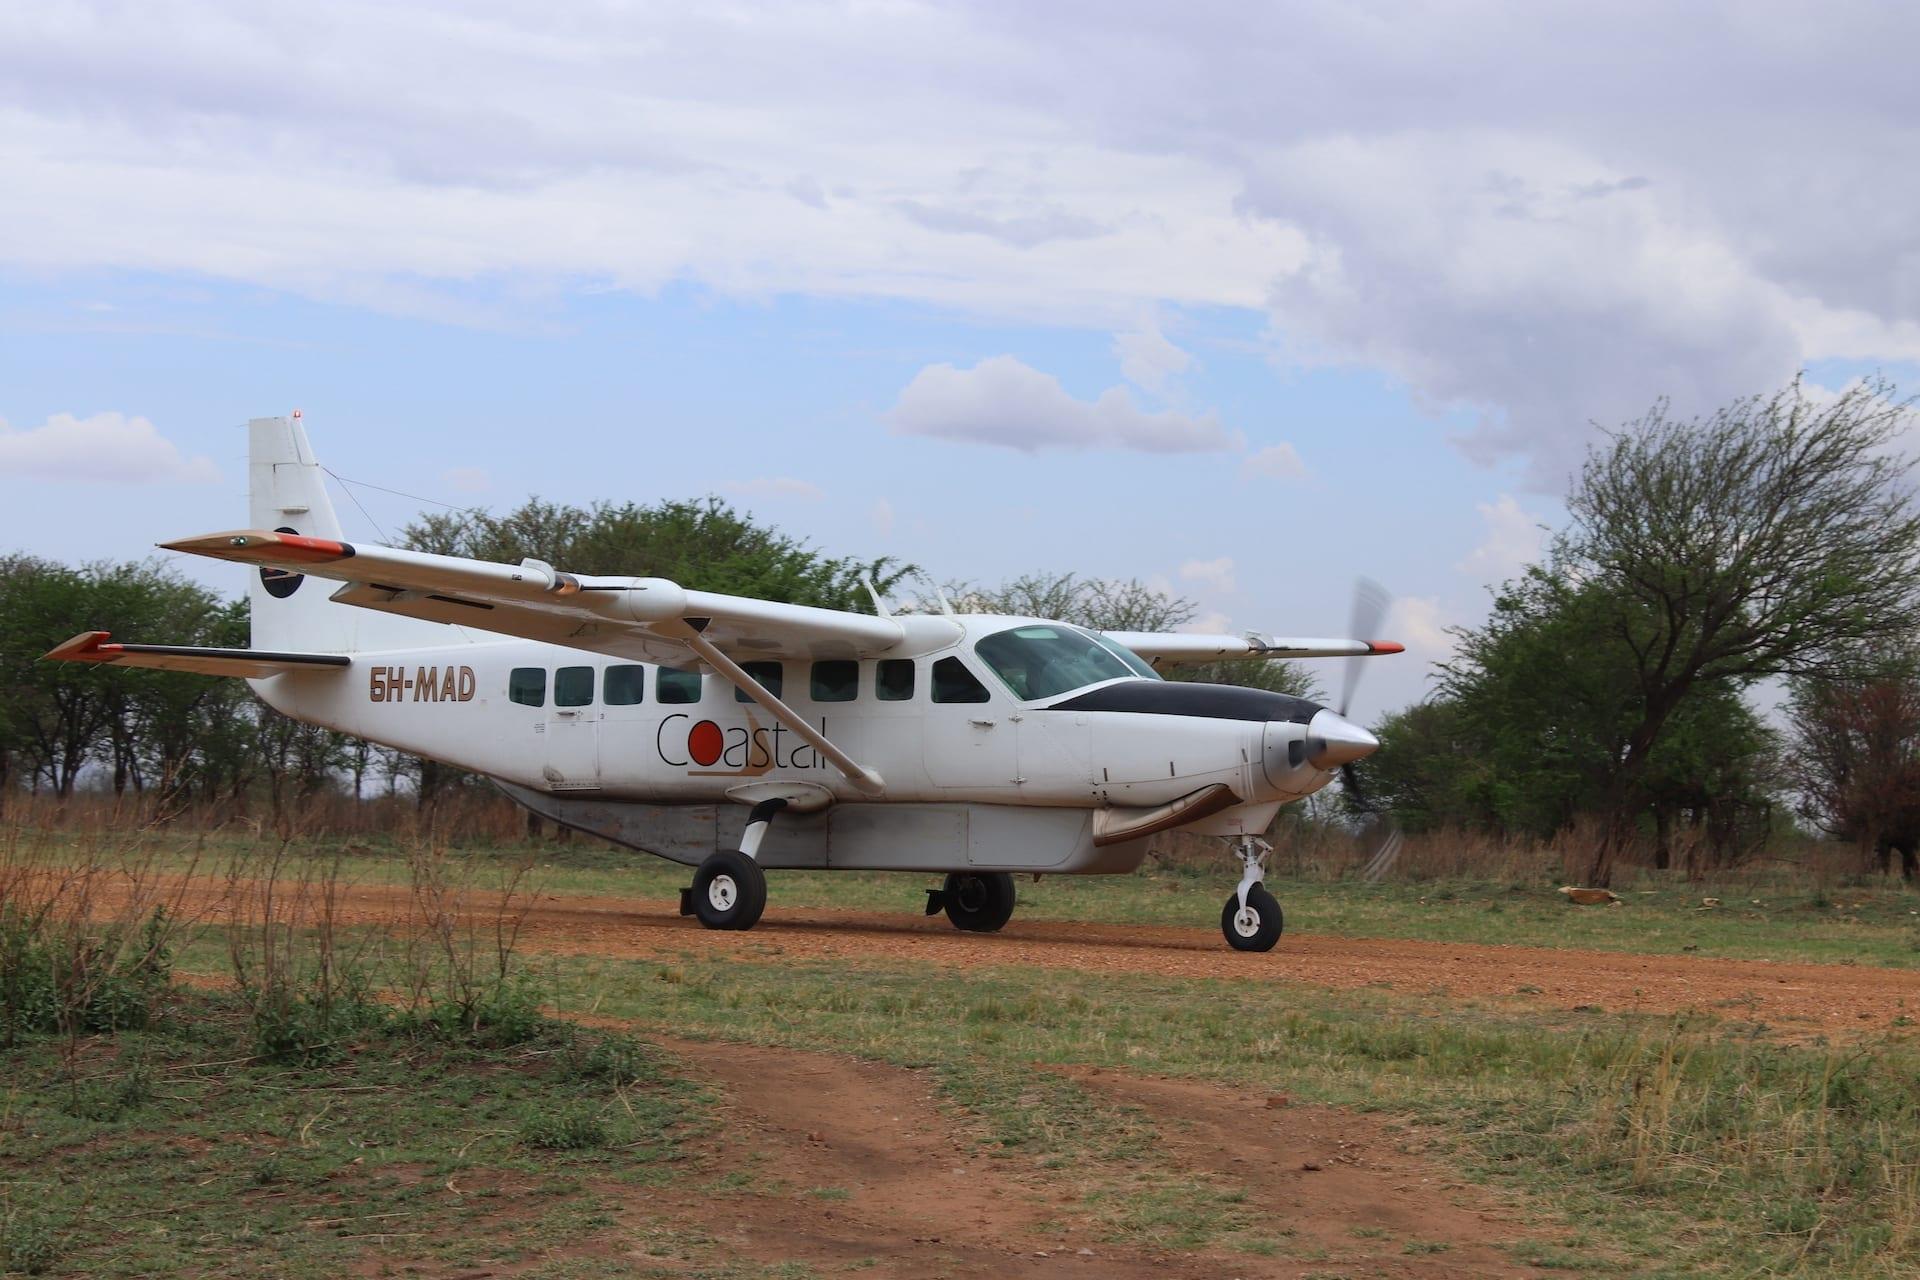 # FOTO - landing in de bush - IMG_2102